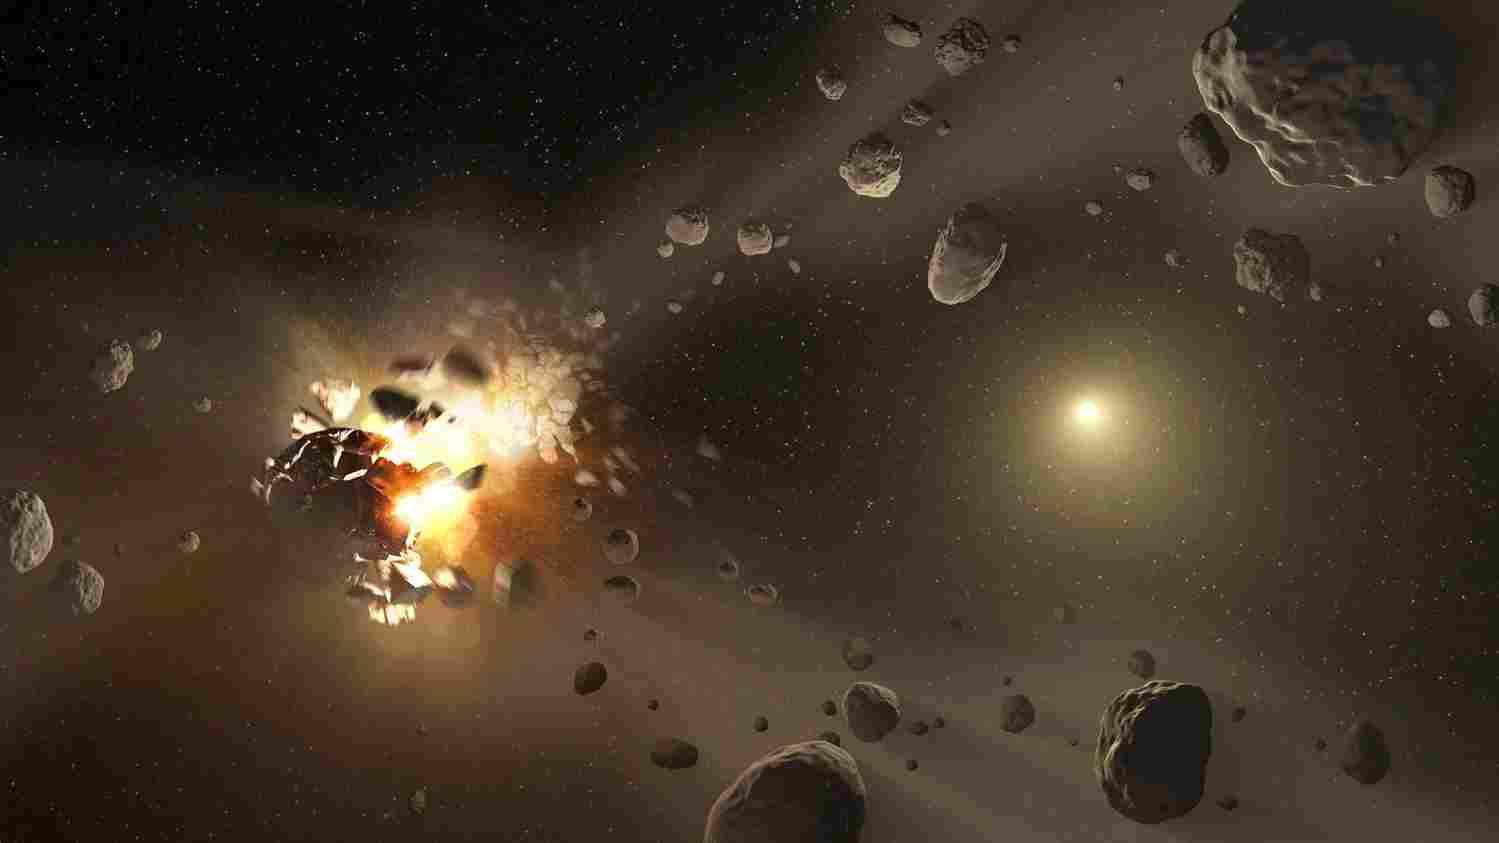 Пояс Астероидов Погибнет В Лучах Умирающего Солнца